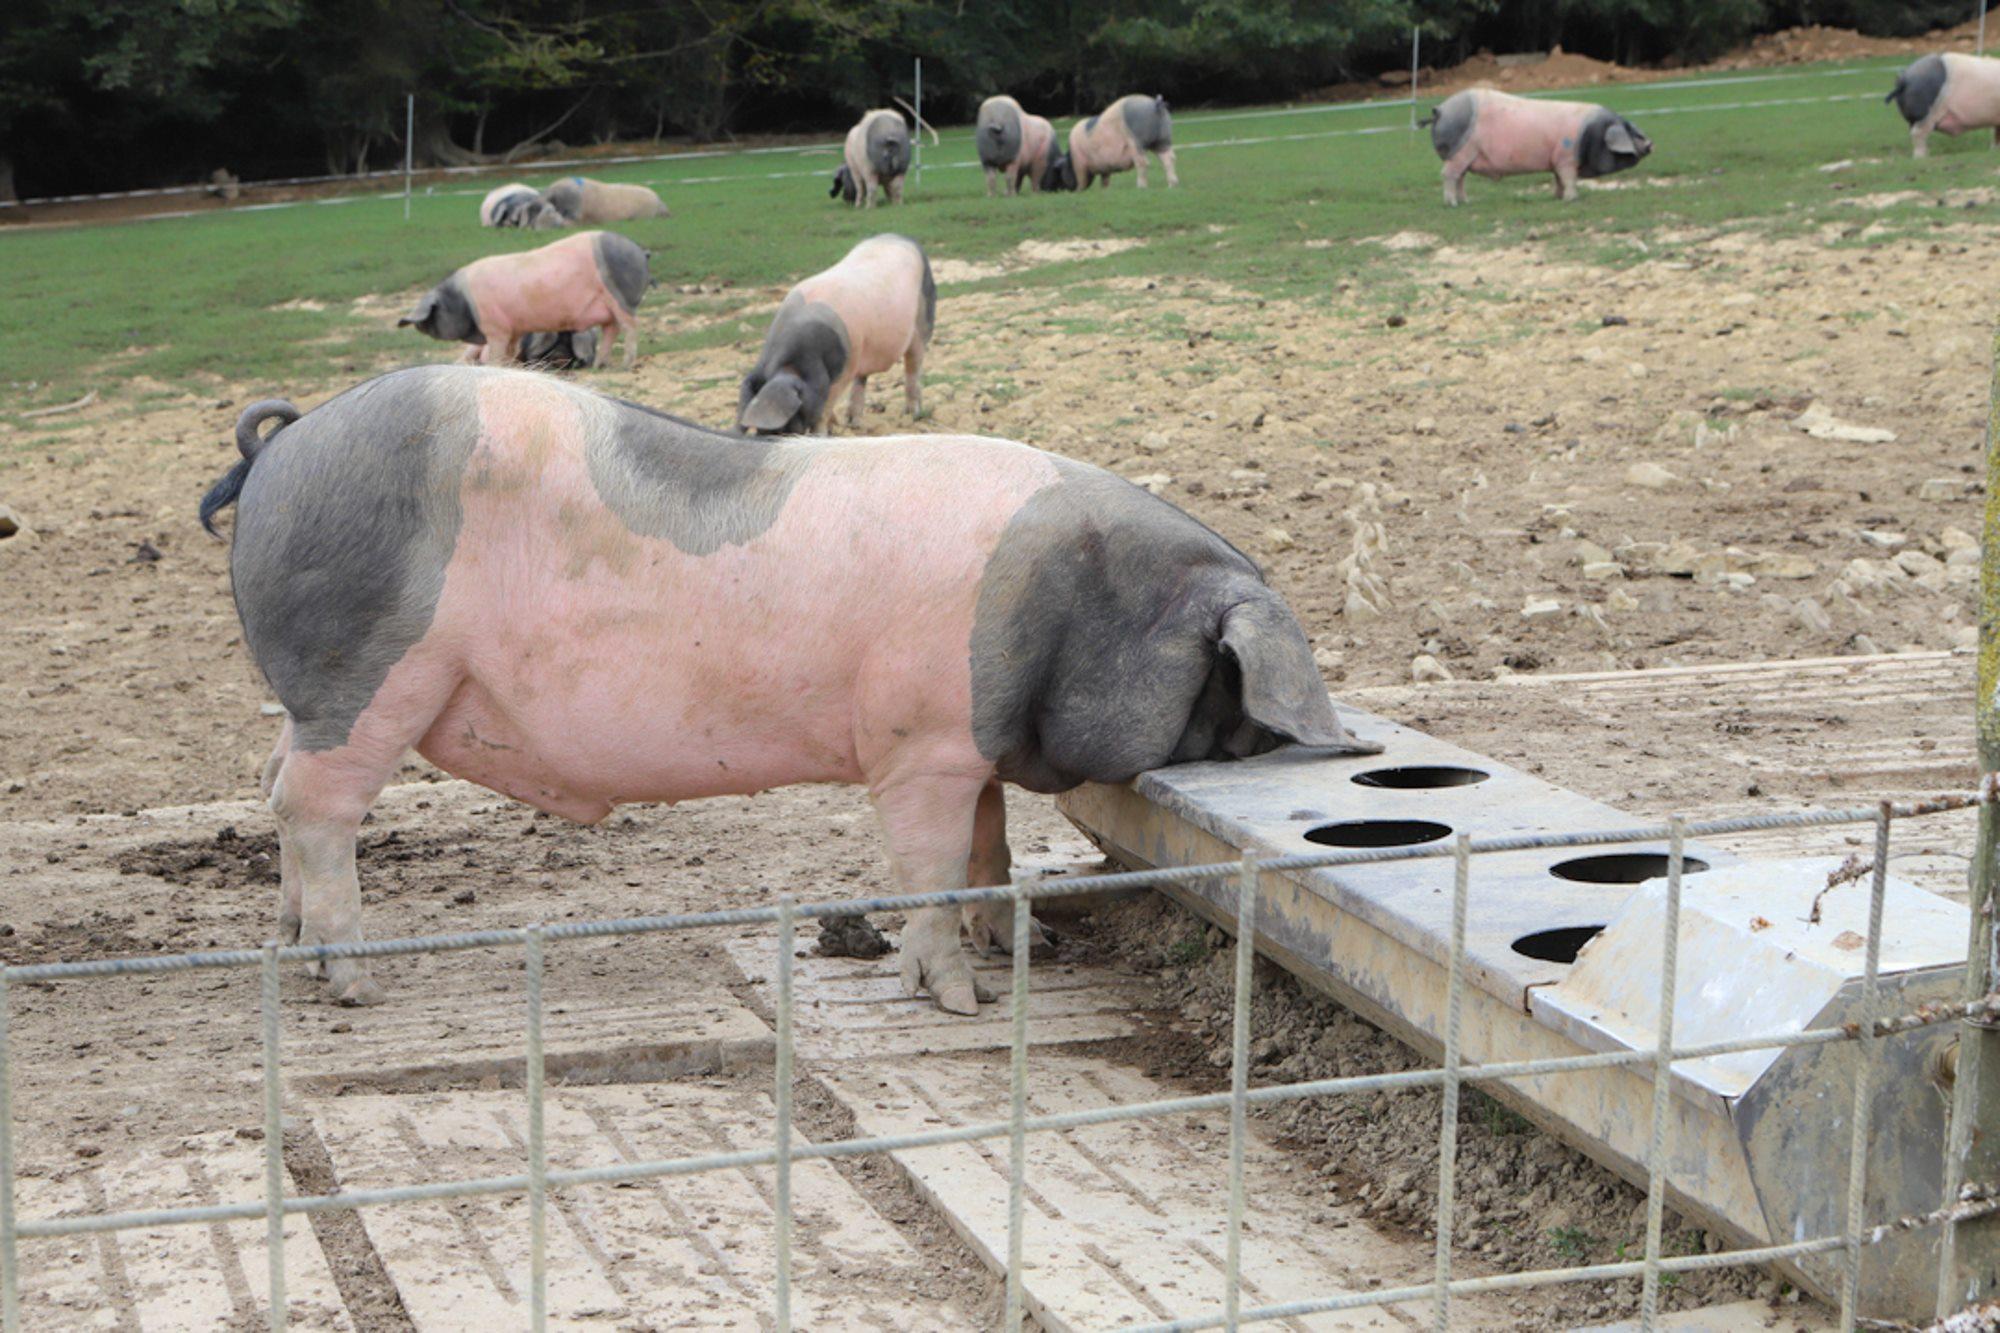 Aunque también comen raíces y alguna bellota, la alimentación de los cerdos es basa en pienso de cereales.